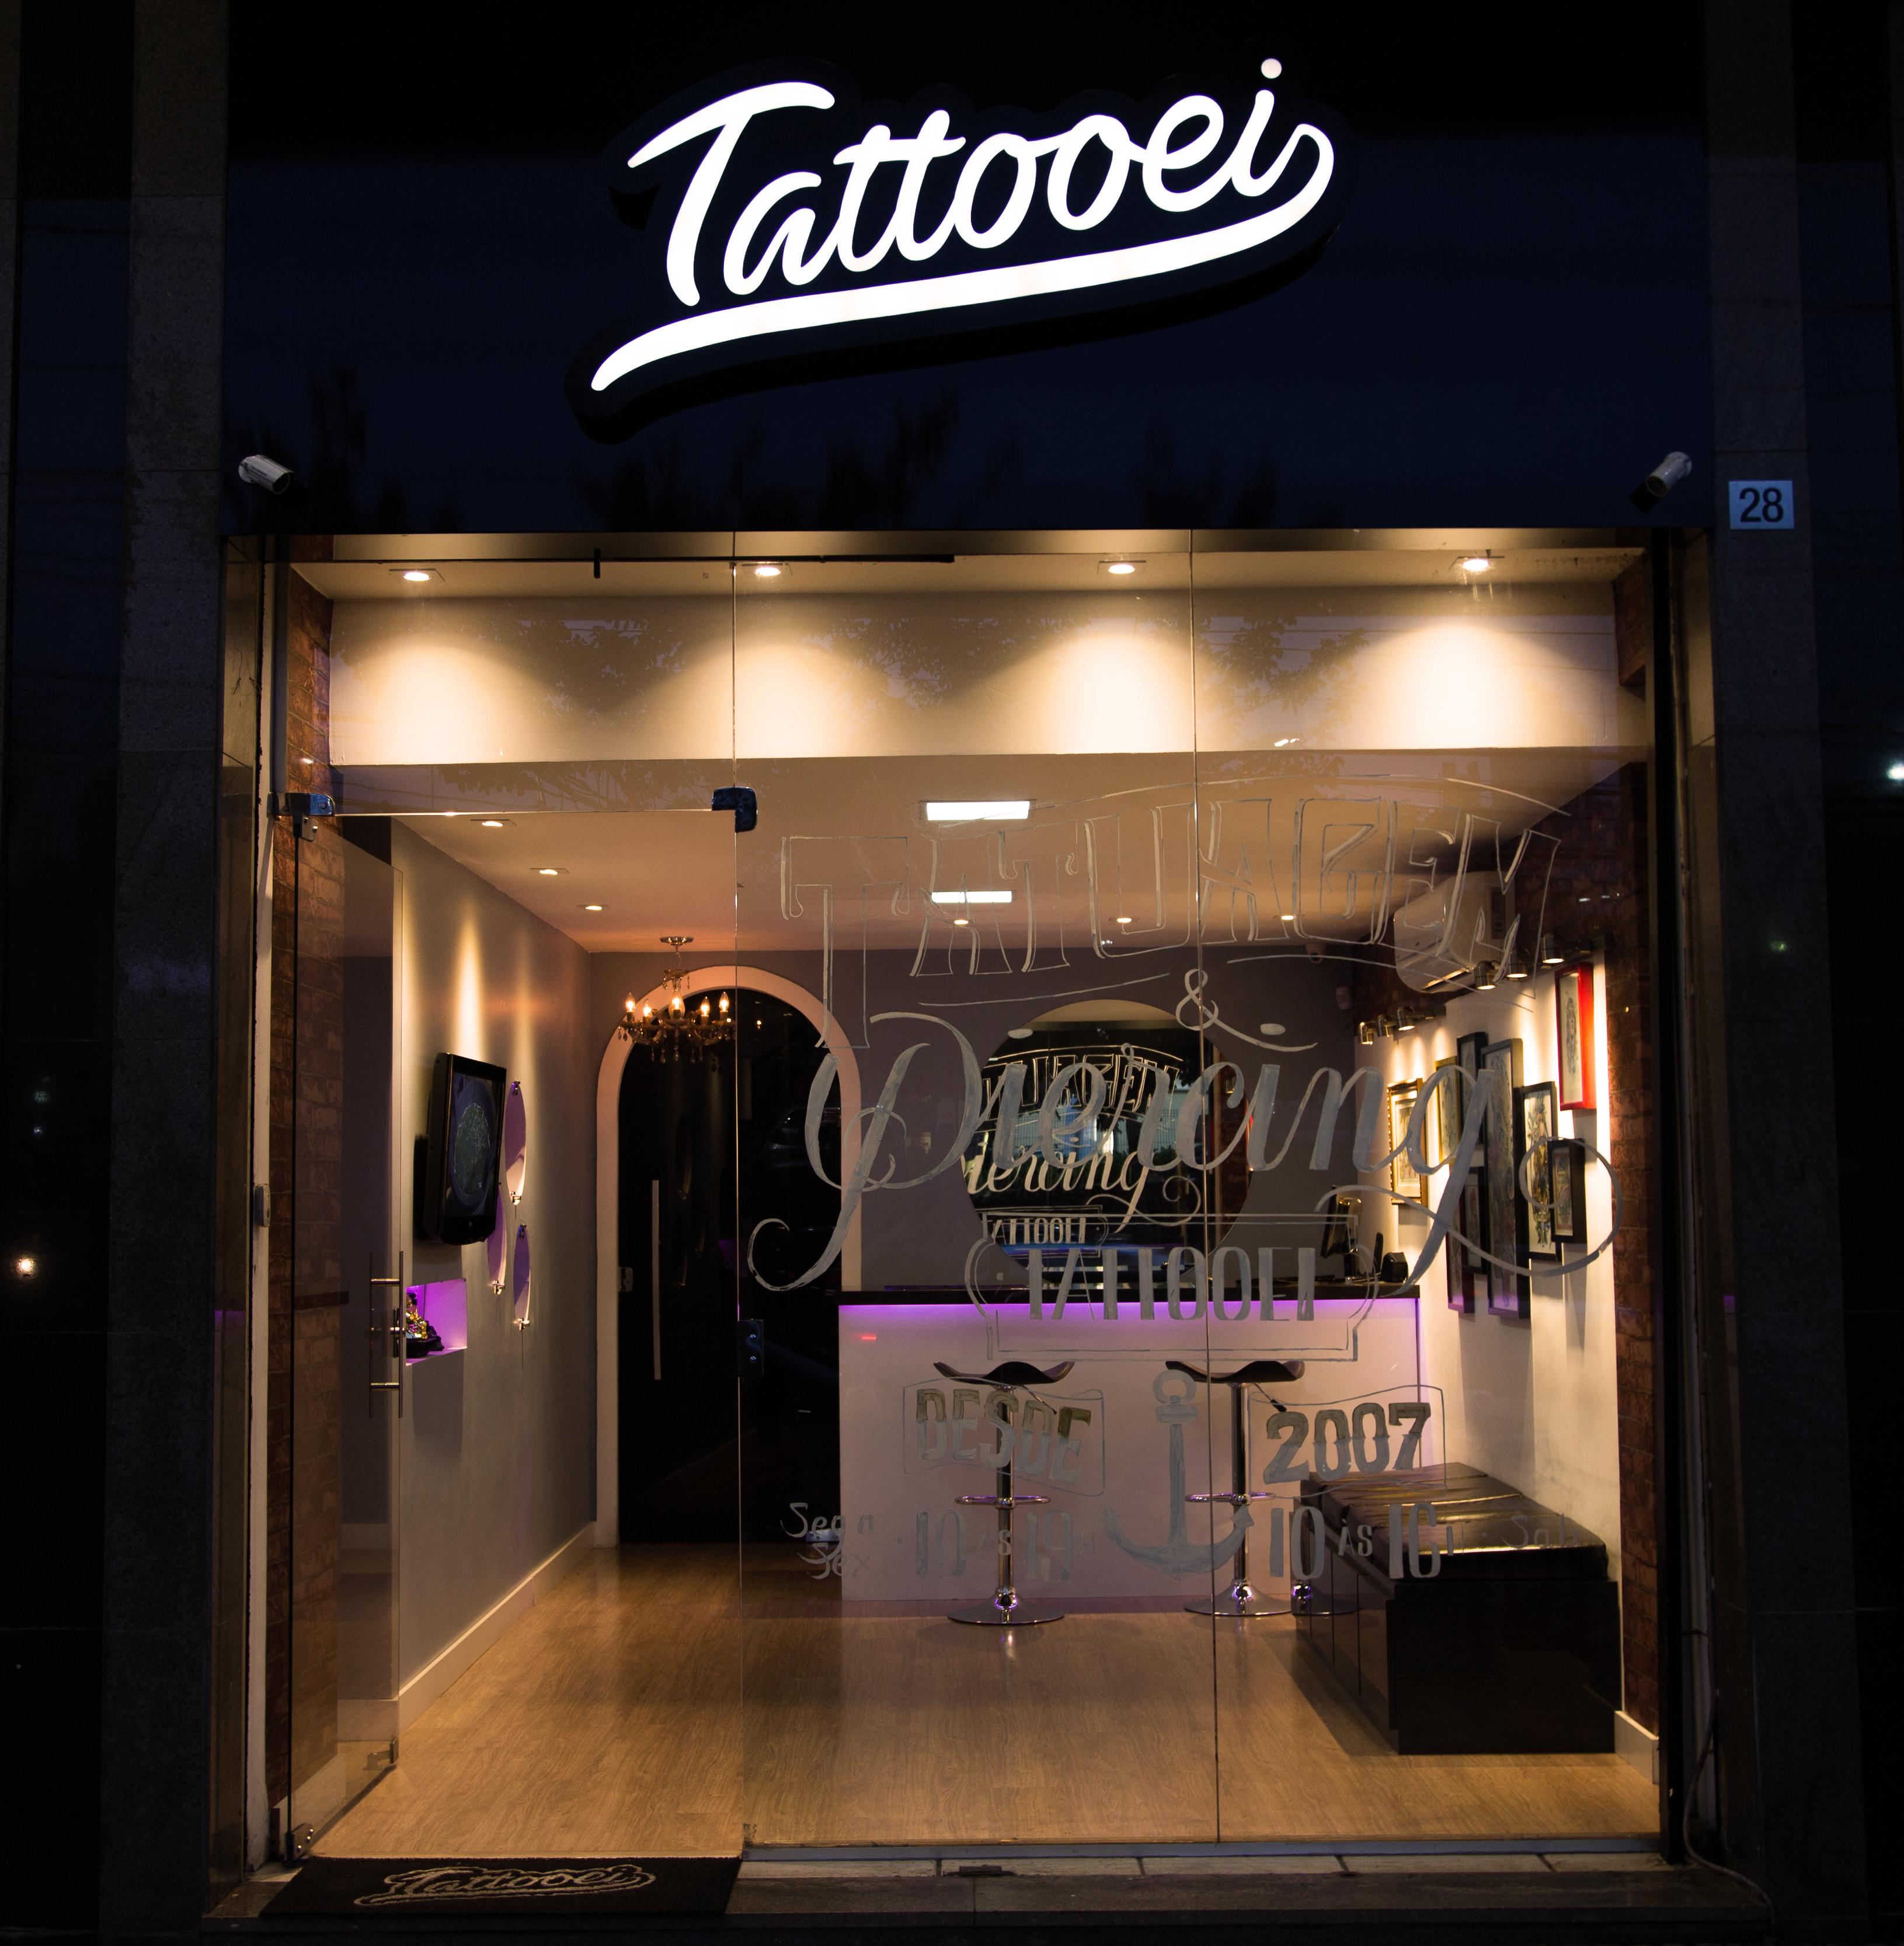 Tattooei_Fachada